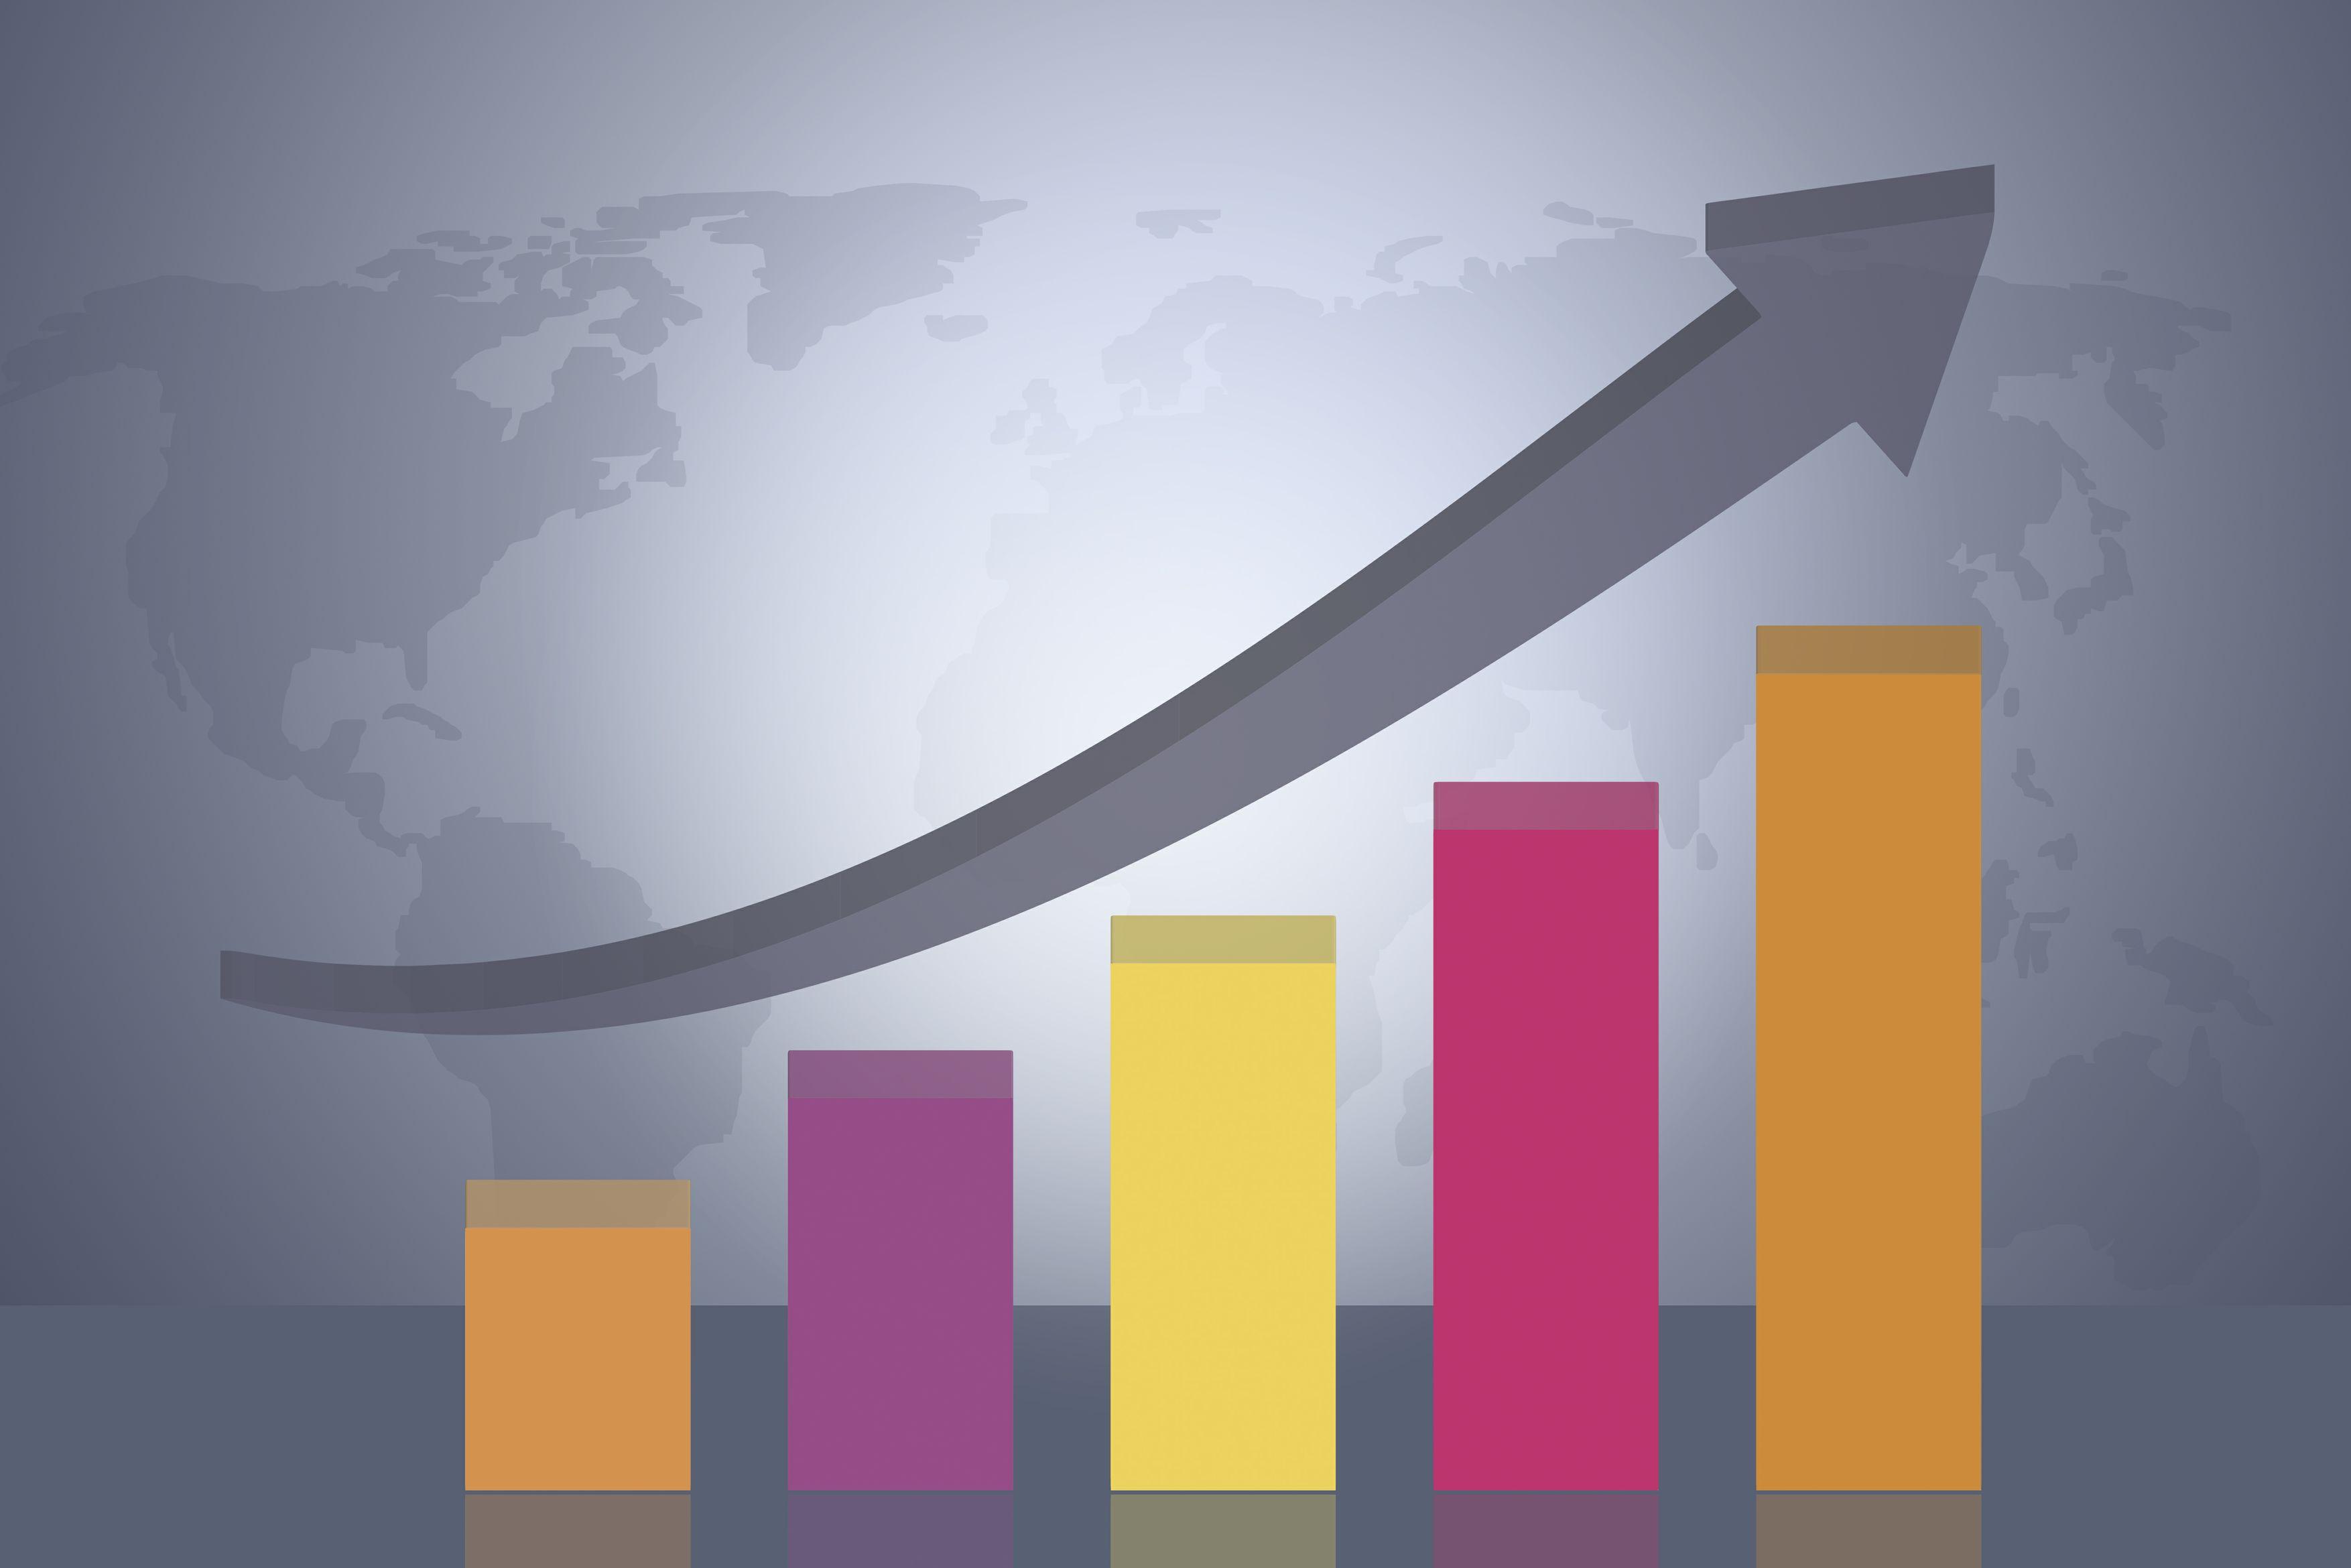 海关总署:中国3月出口超预期大增14%,一季度贸易顺差扩大75.2%